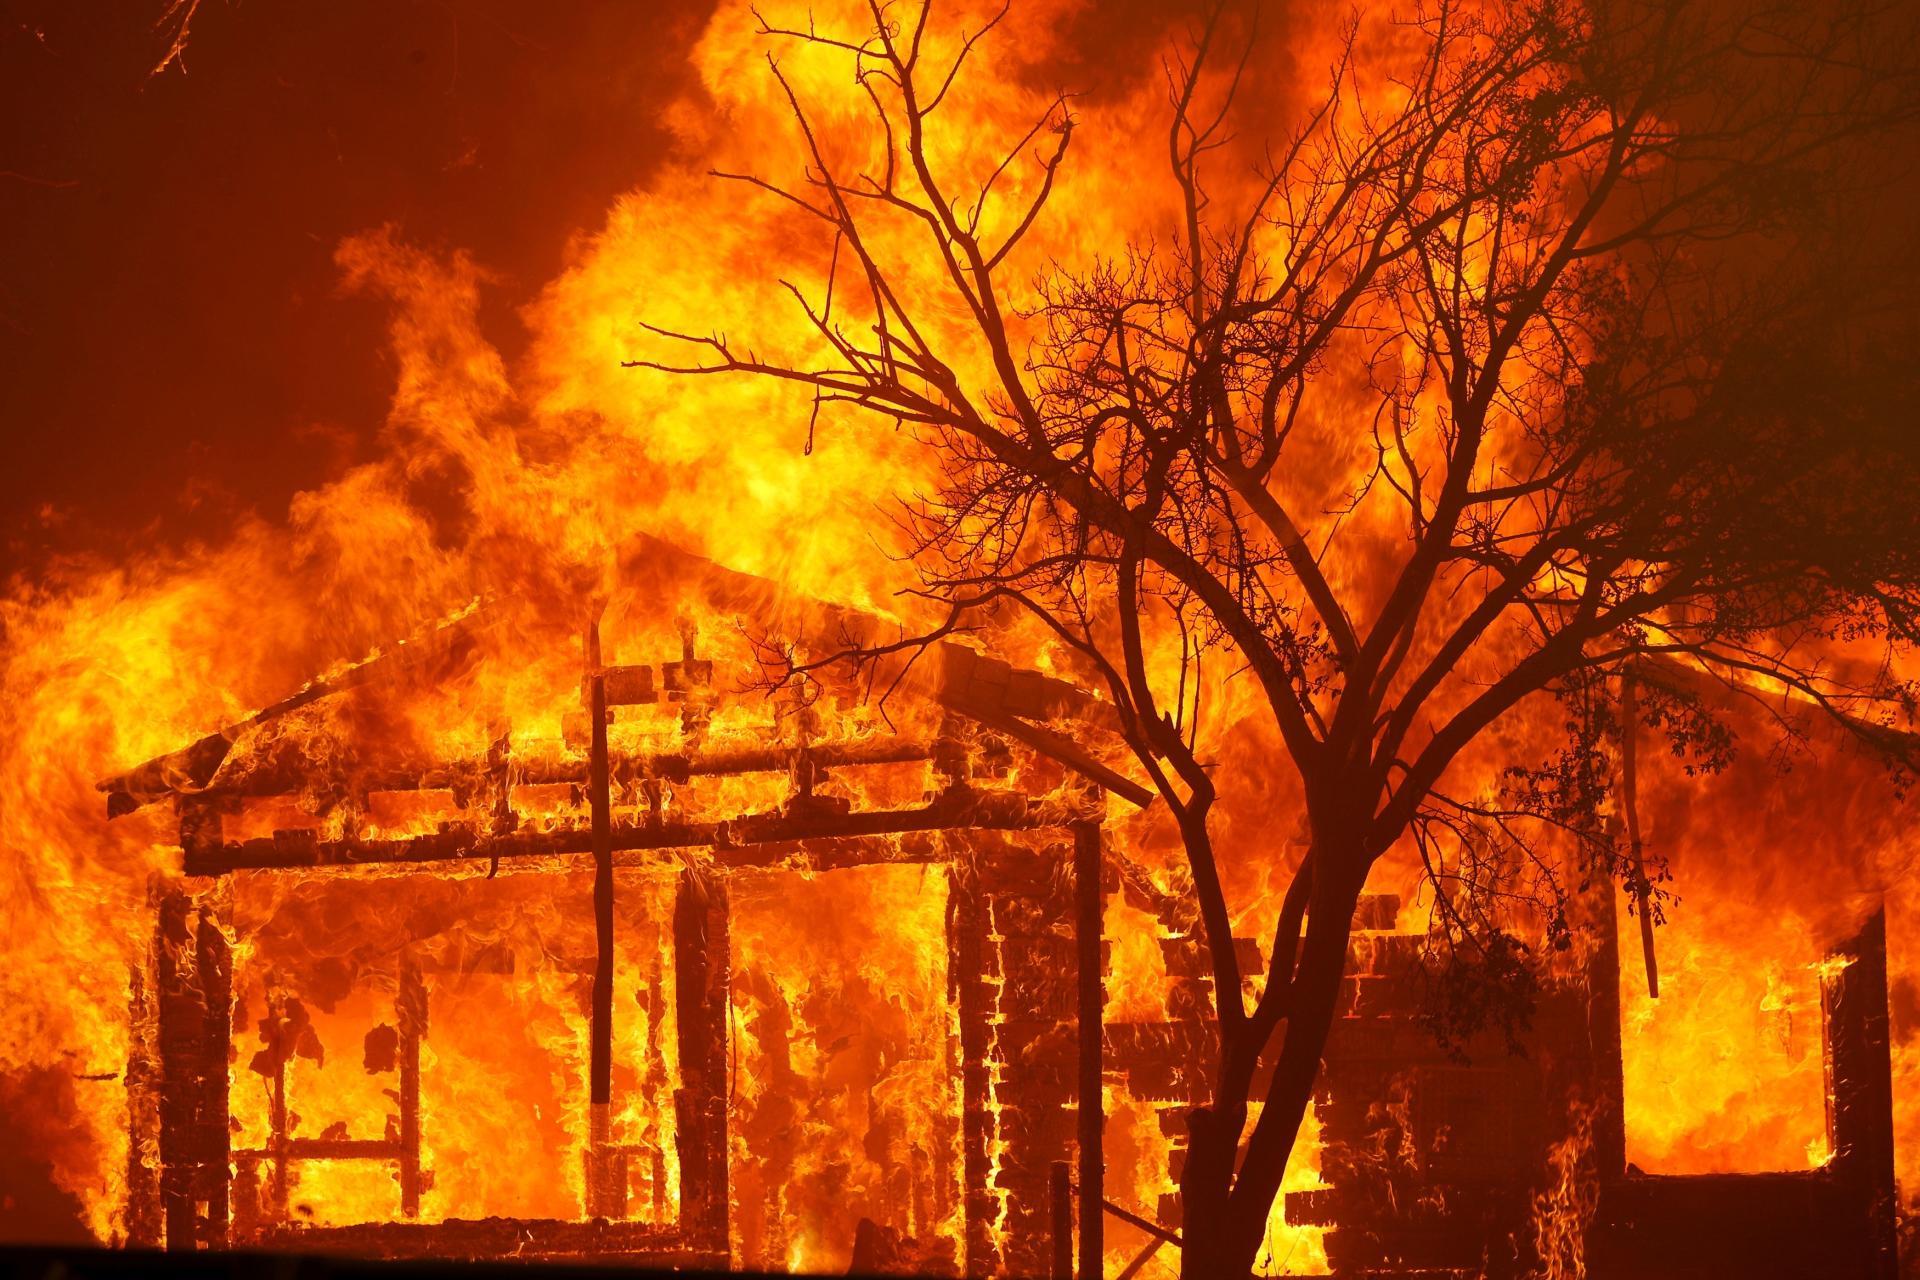 Une maison brûle à la périphérie de Vacaville, en Californie, le 19 août.